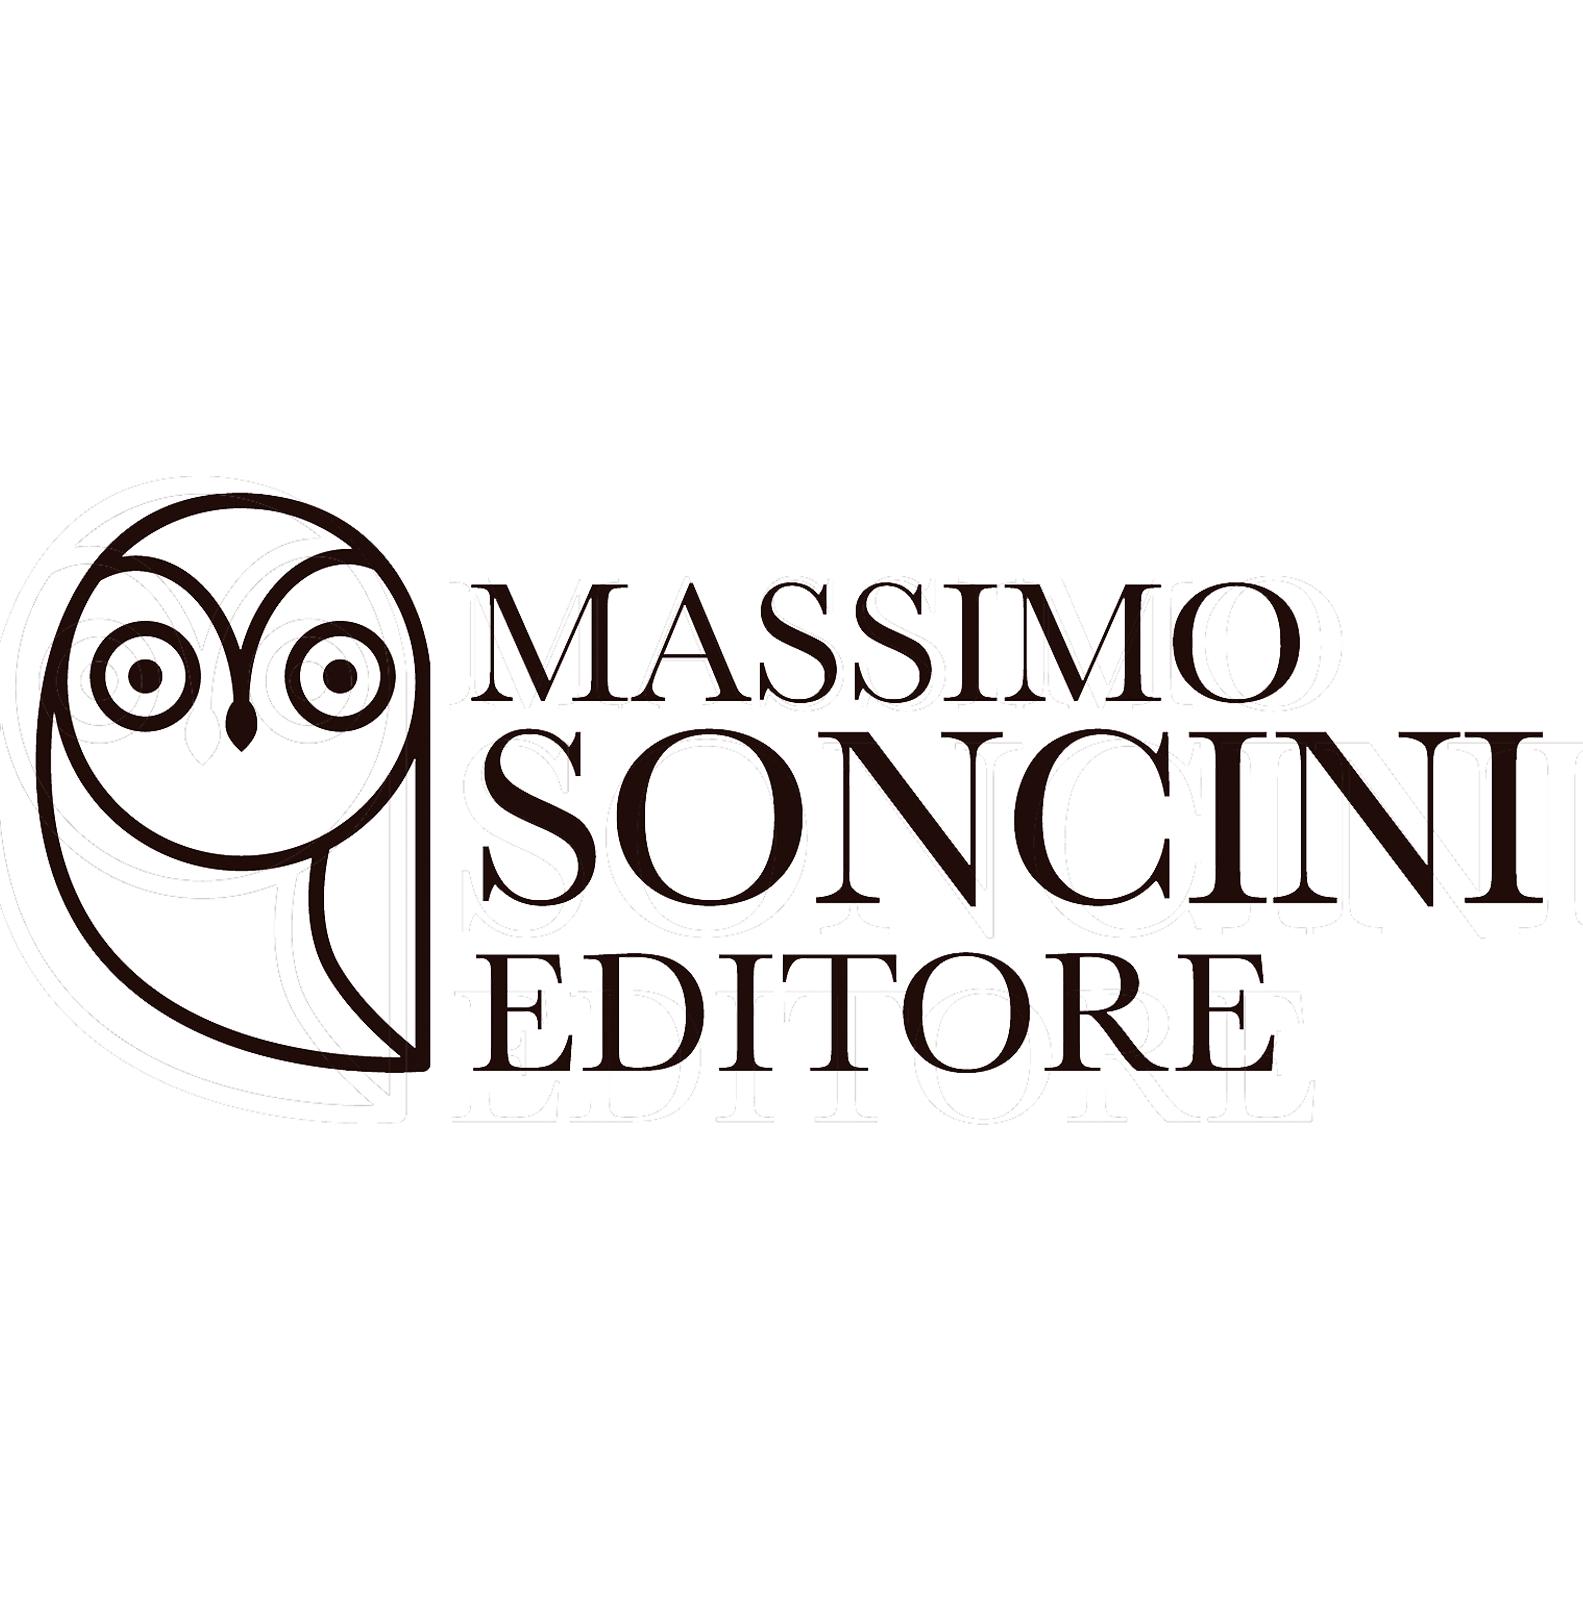 Massimo Soncini Editore